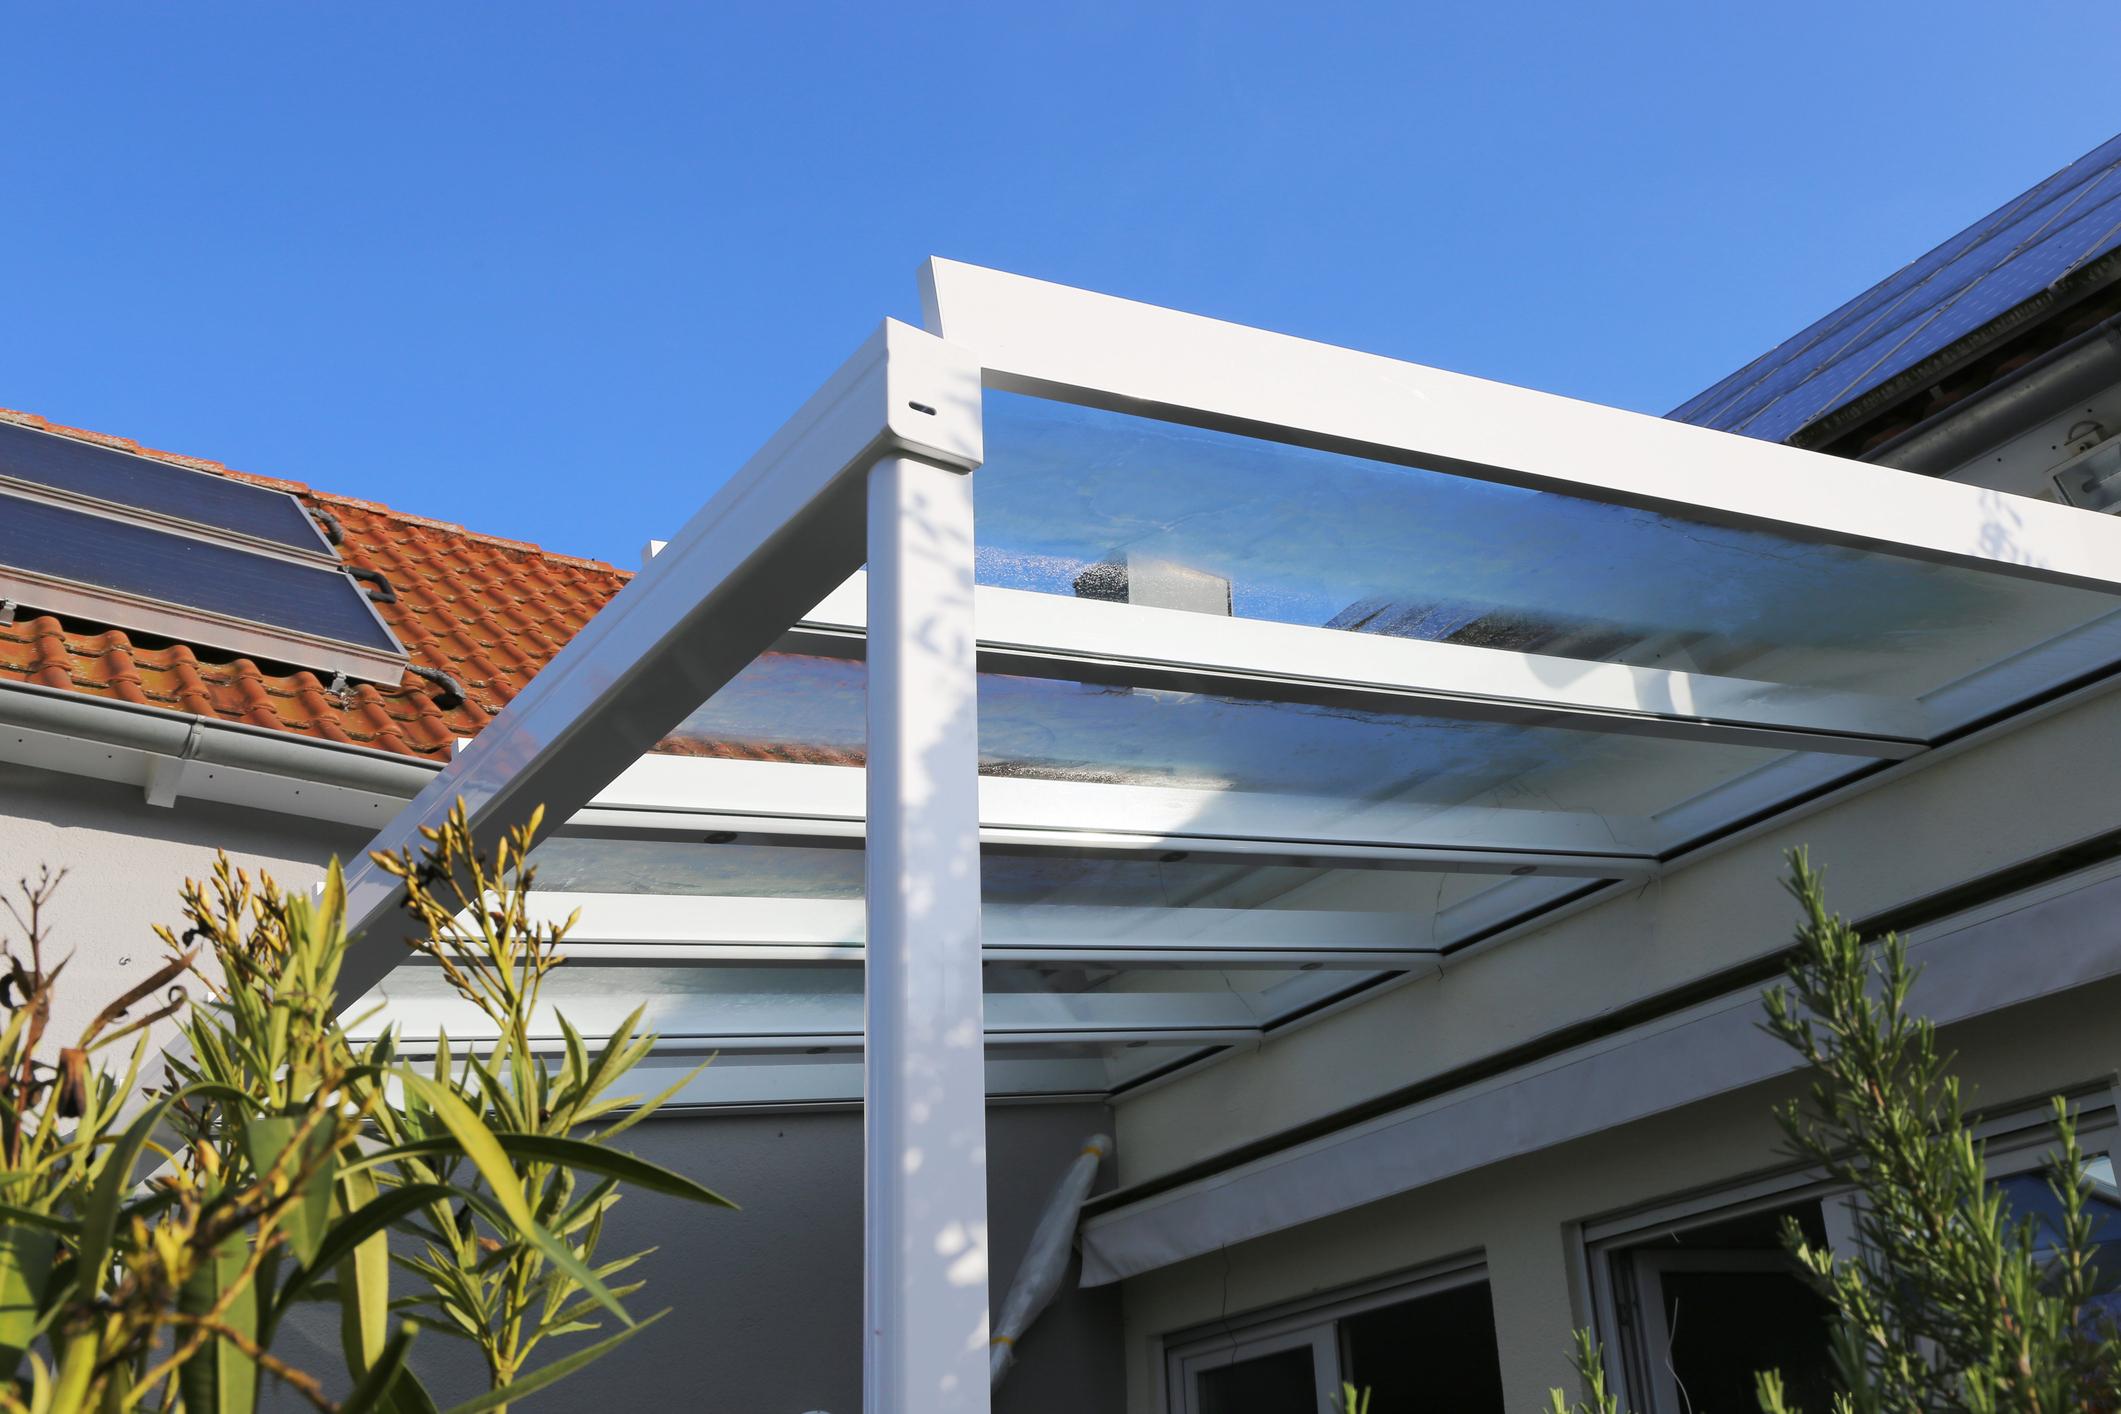 Pergolati In Legno Senza Permessi la tettoia modifica i prospetti e aumenta il carico